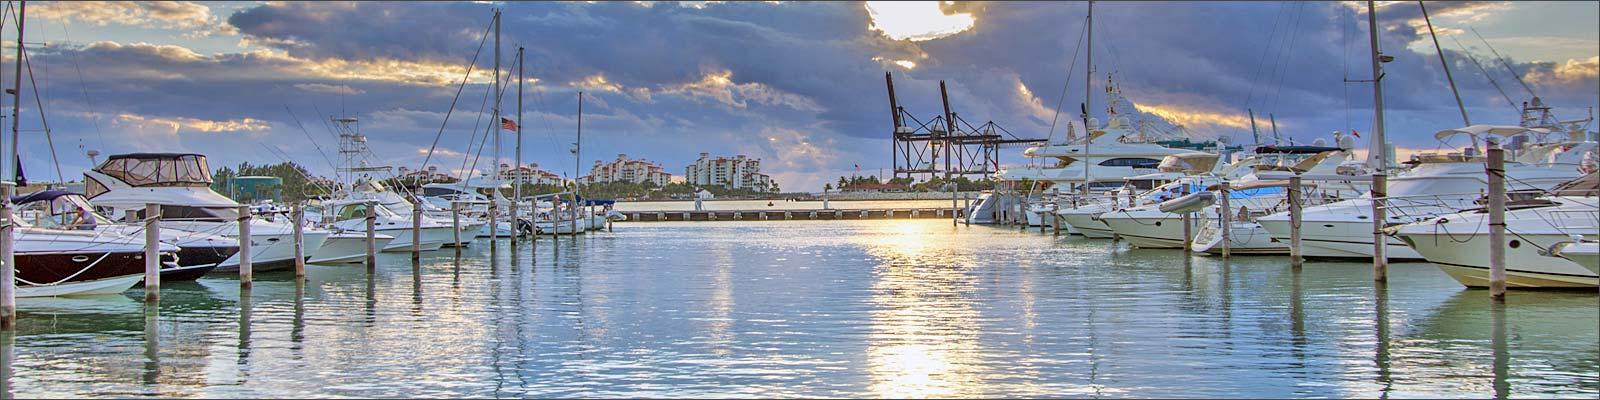 Miami-boats